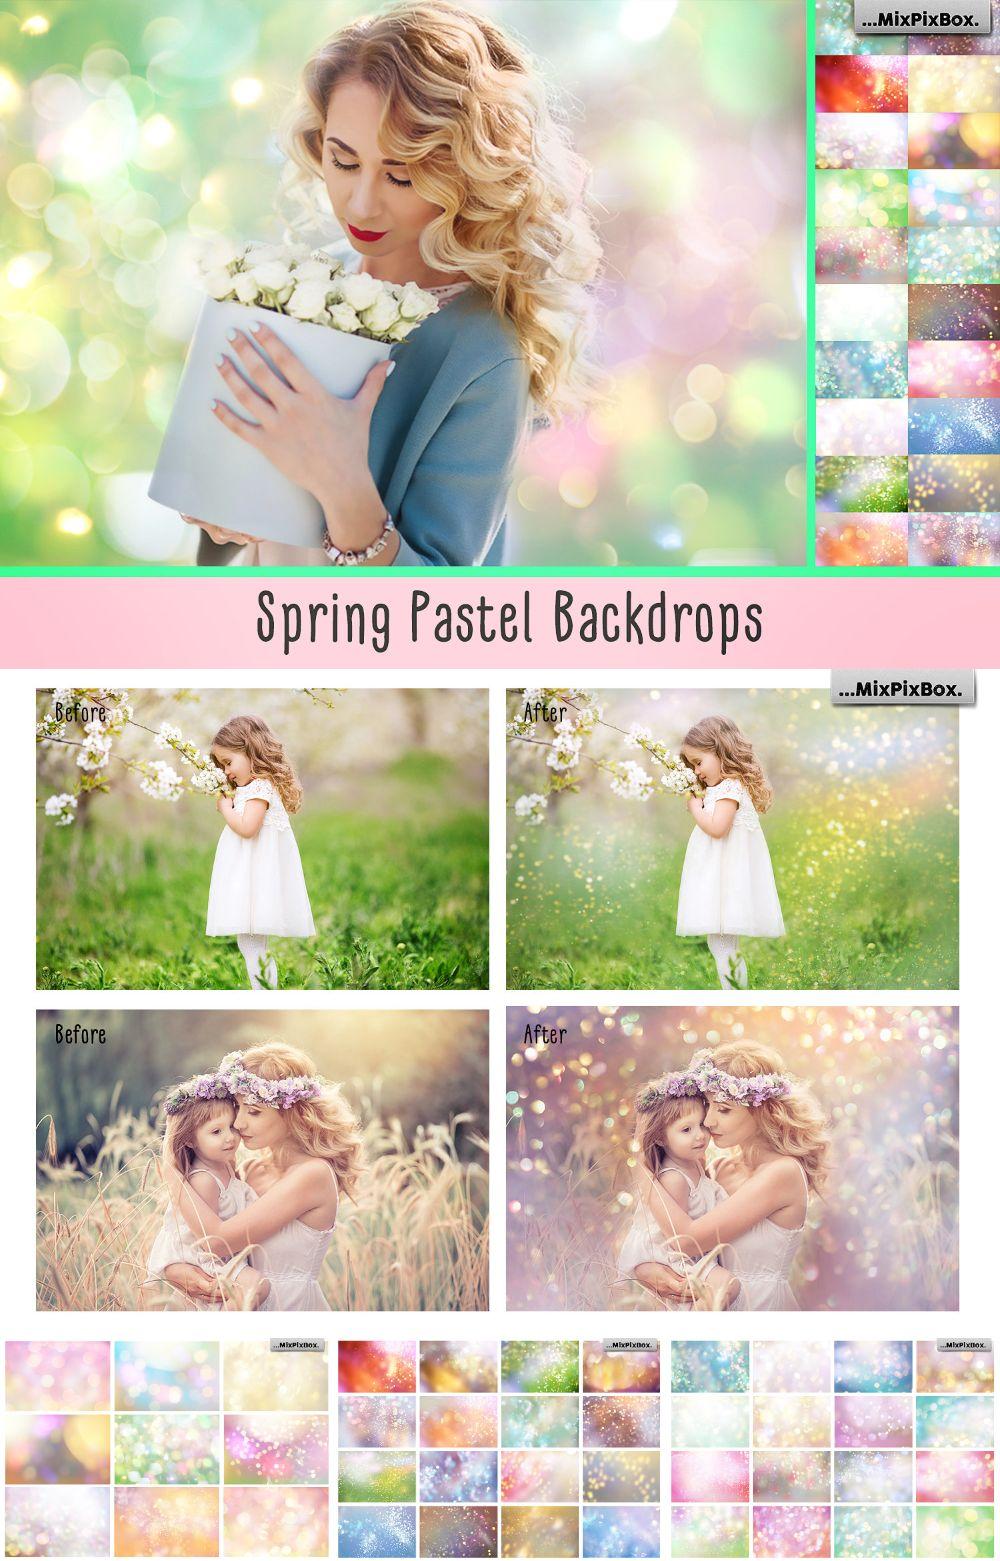 Spring Backdrops